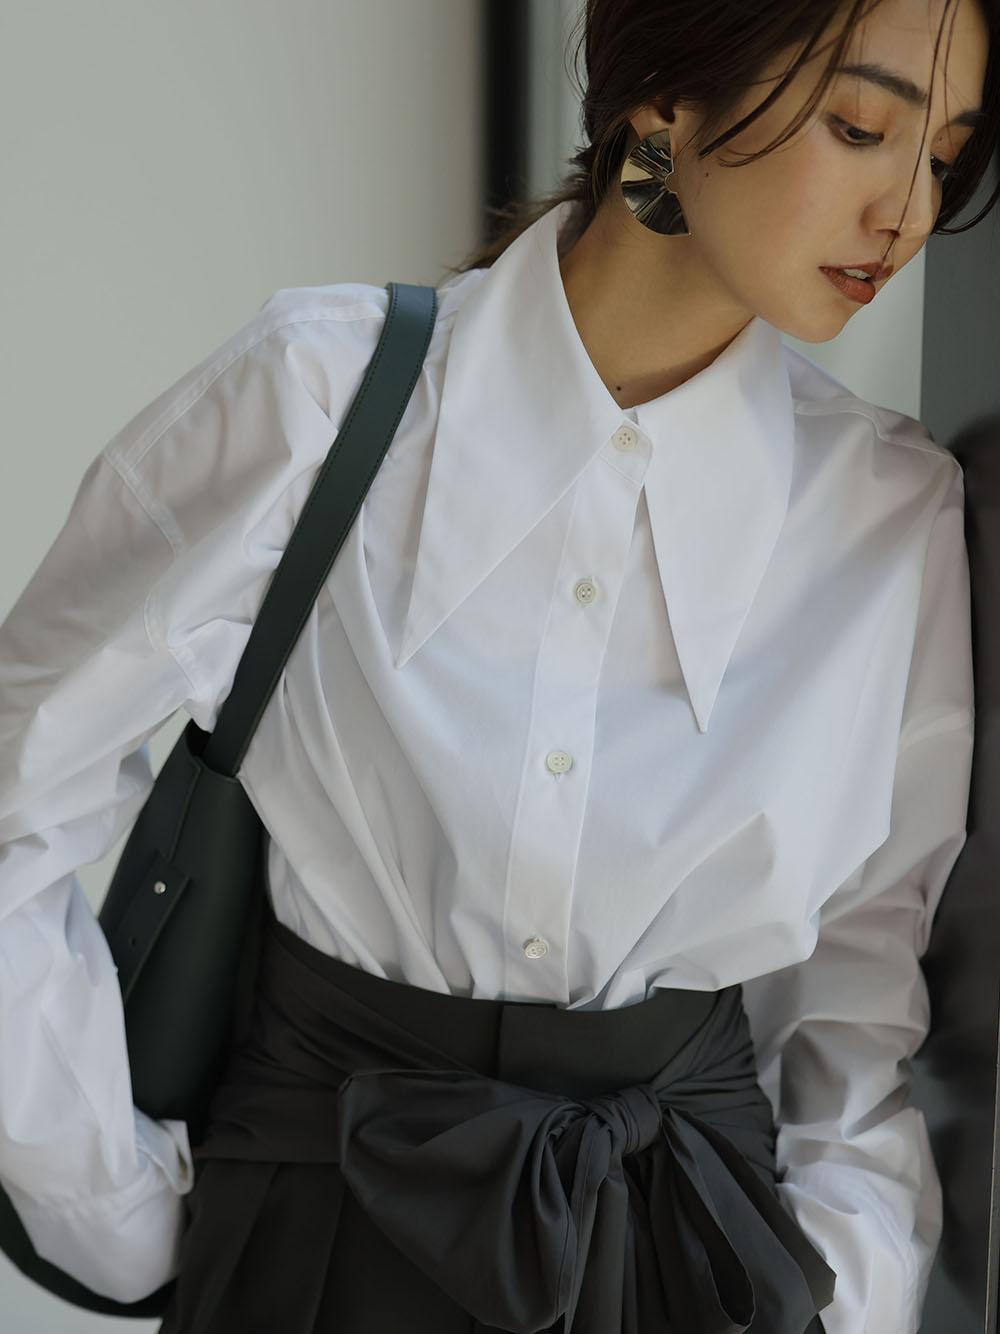 ロングポイントカラーシャツ(WHT-0)